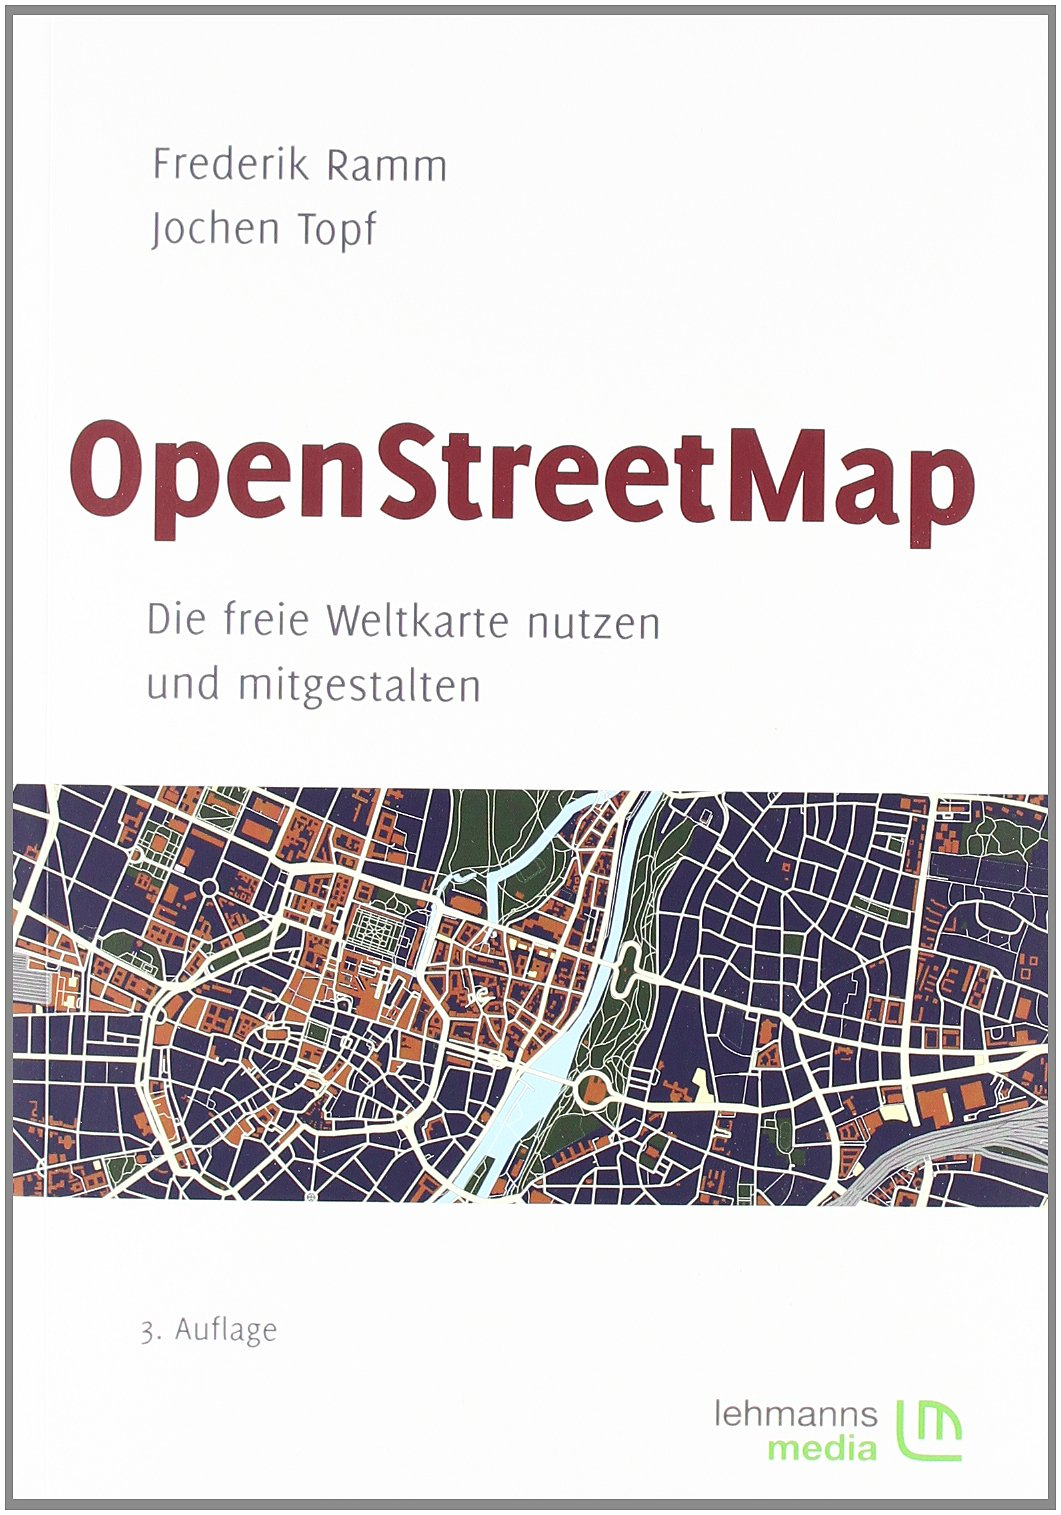 openstreetmap die freie weltkarte nutzen und mitgestalten OpenStreetMap: Die freie Weltkarte nutzen und mitgestalten: Amazon